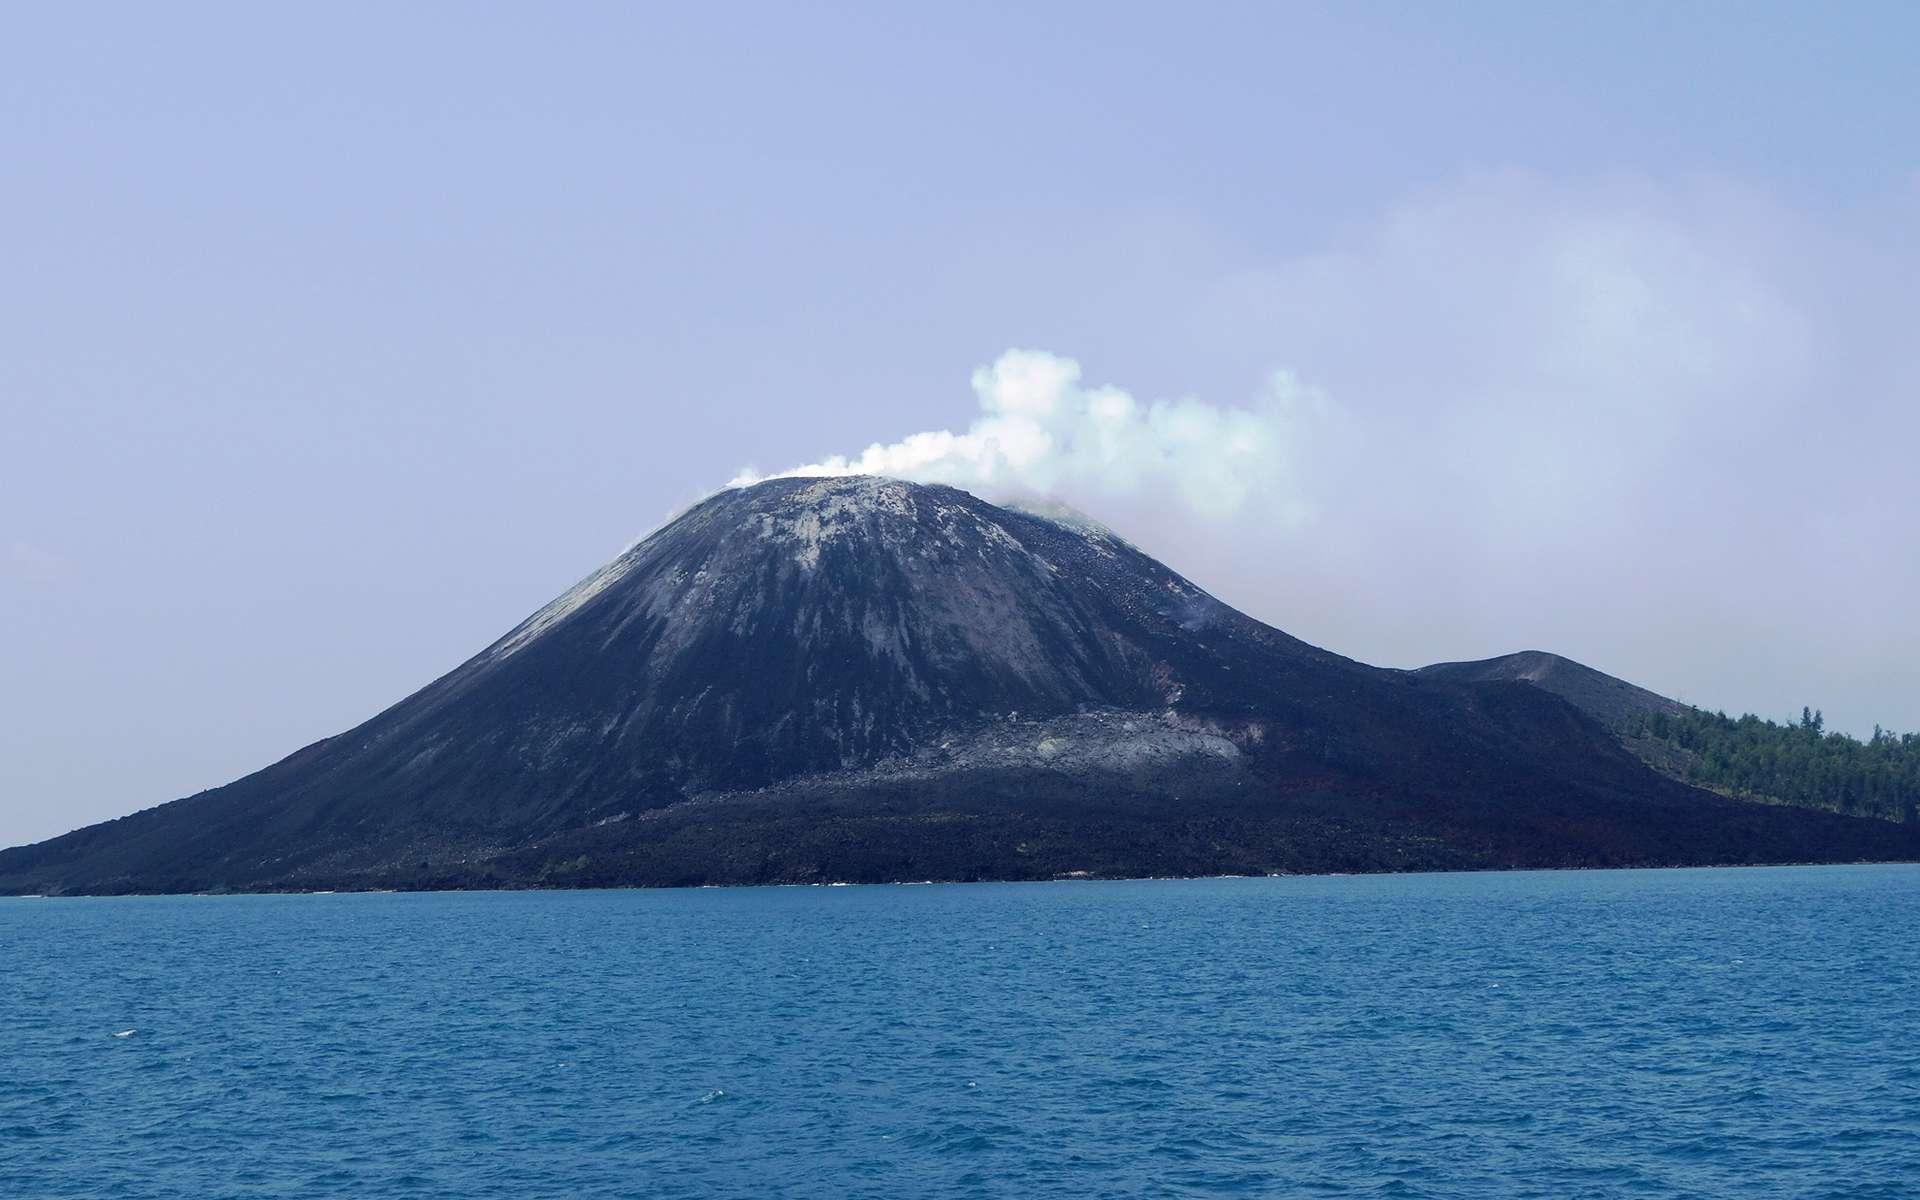 Une vue de l'Anak Krakatau, il y a quelques années alors qu'il était presque paisible. © Lord Mountbatten, Wikipédia, cc by-sa 3.0